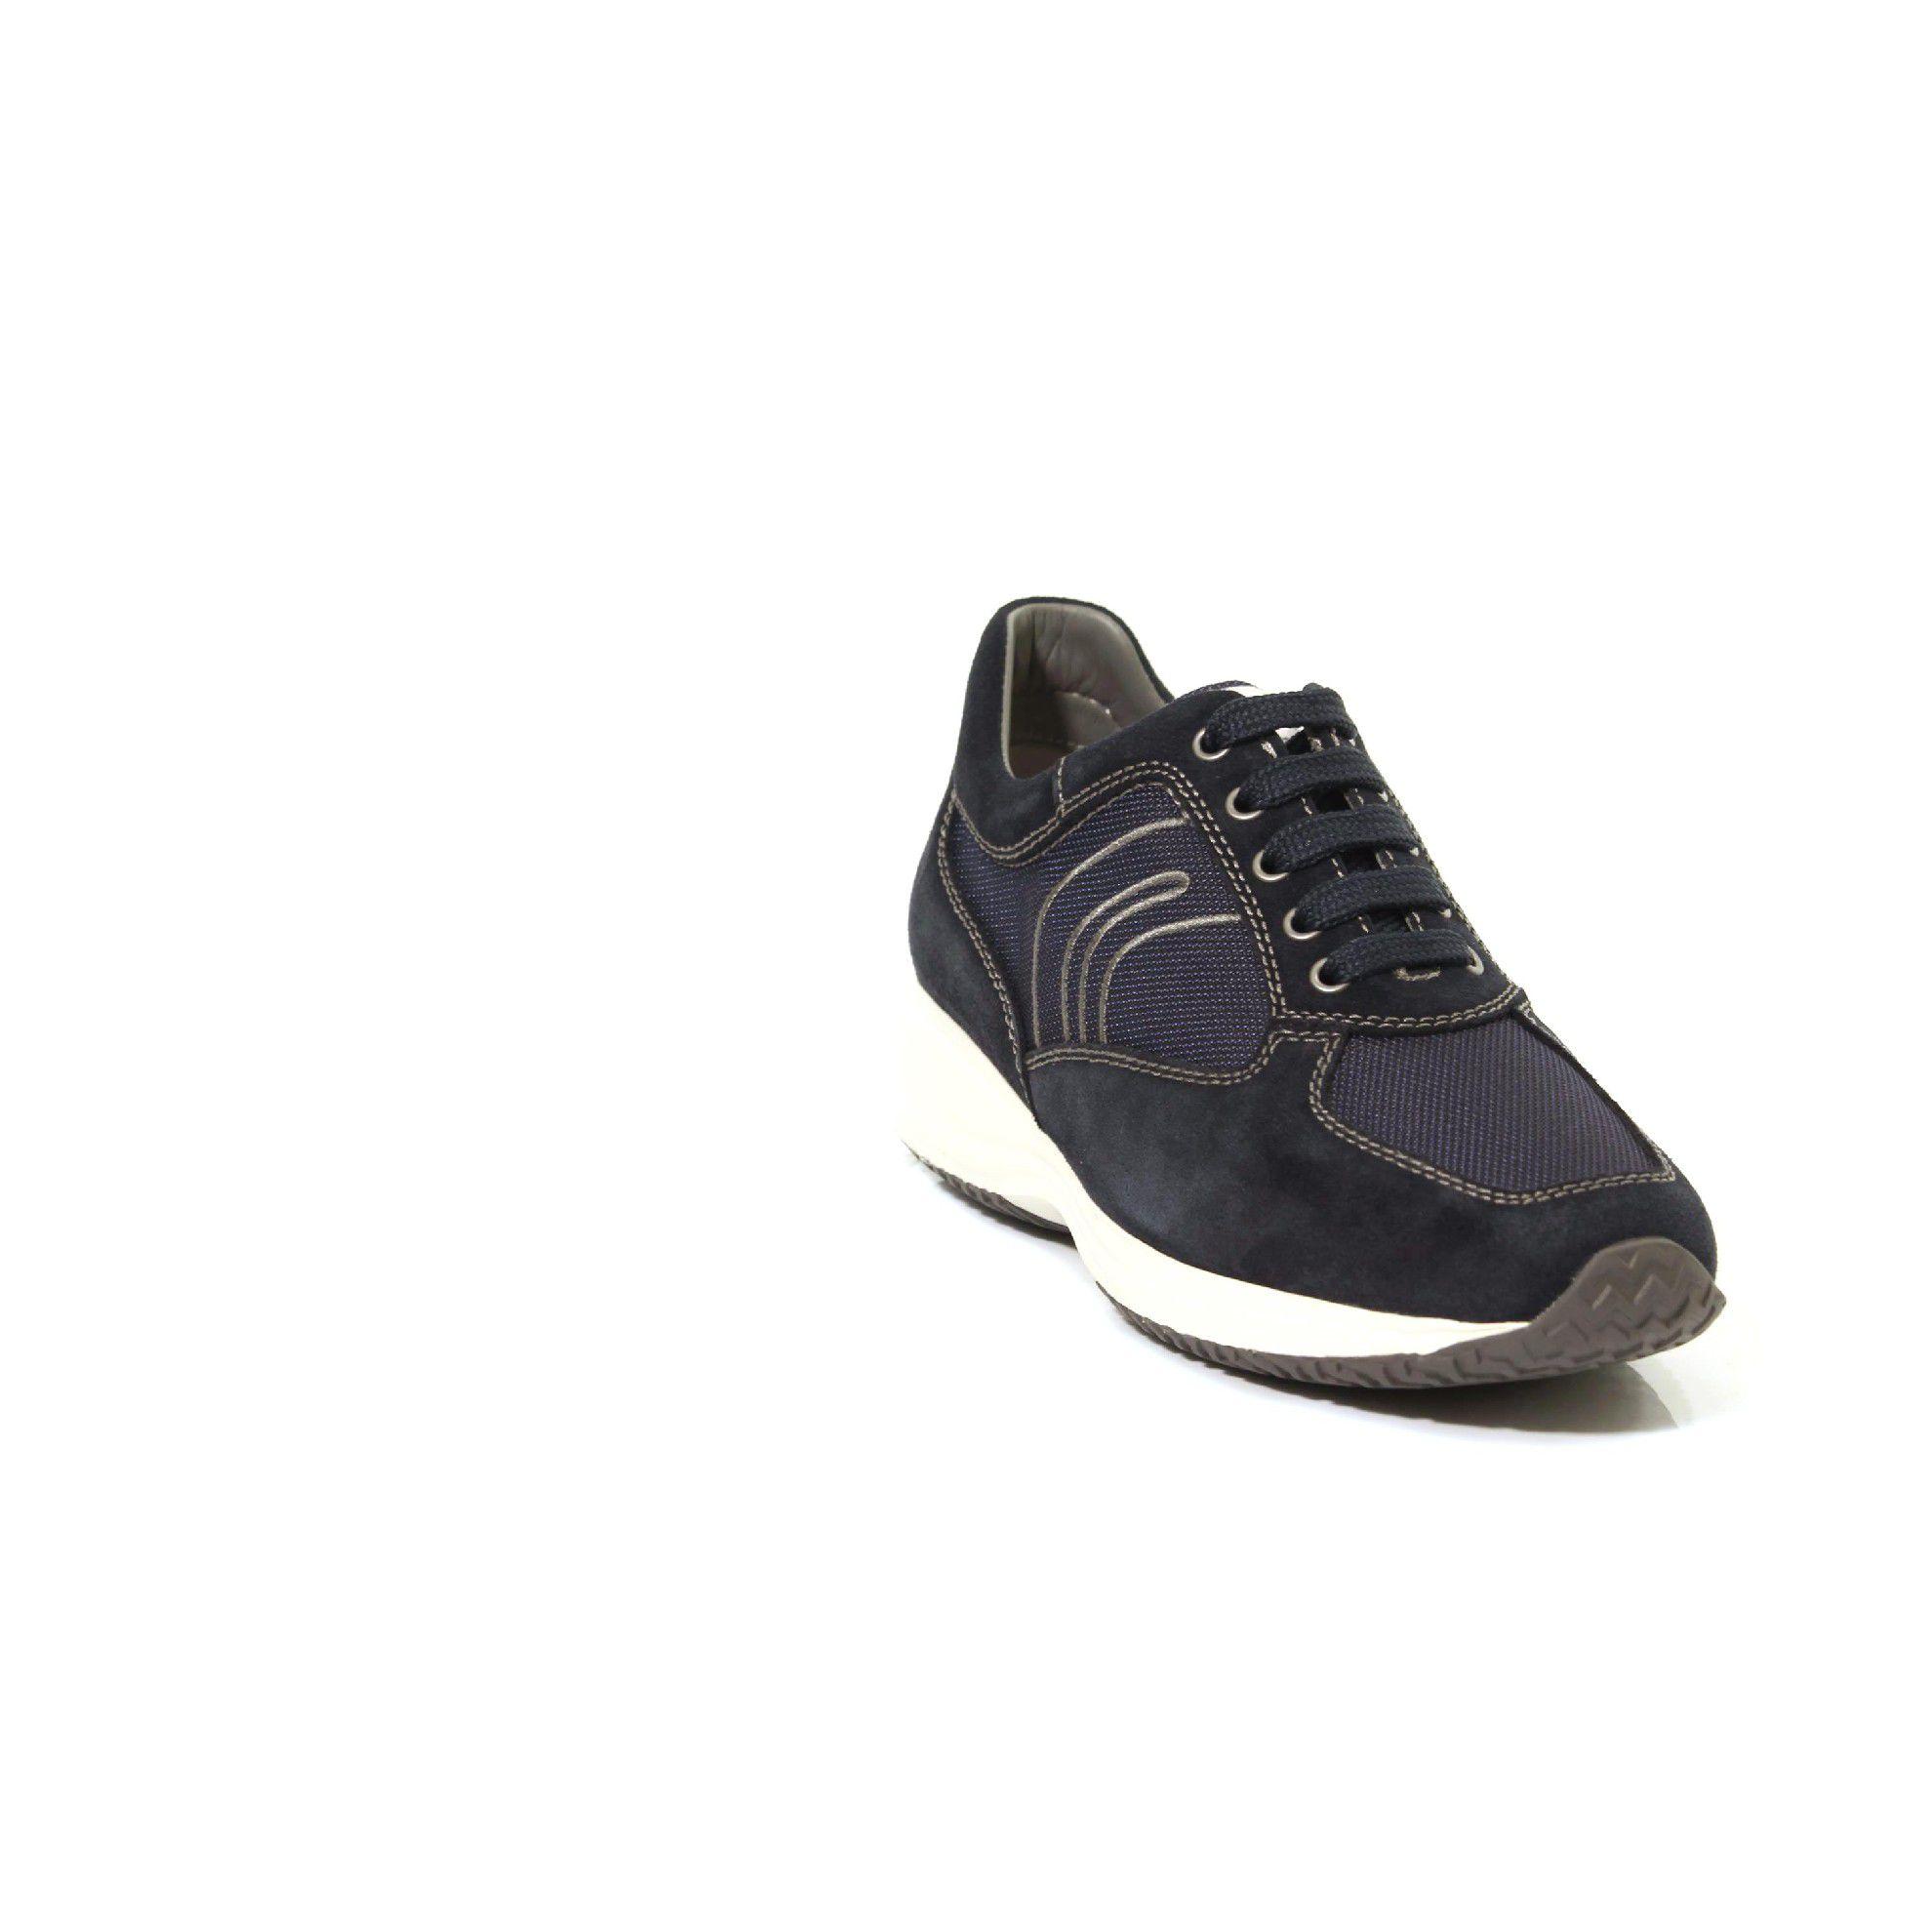 Geox sneaker happy g in suede e tessuto tecnico da uomo